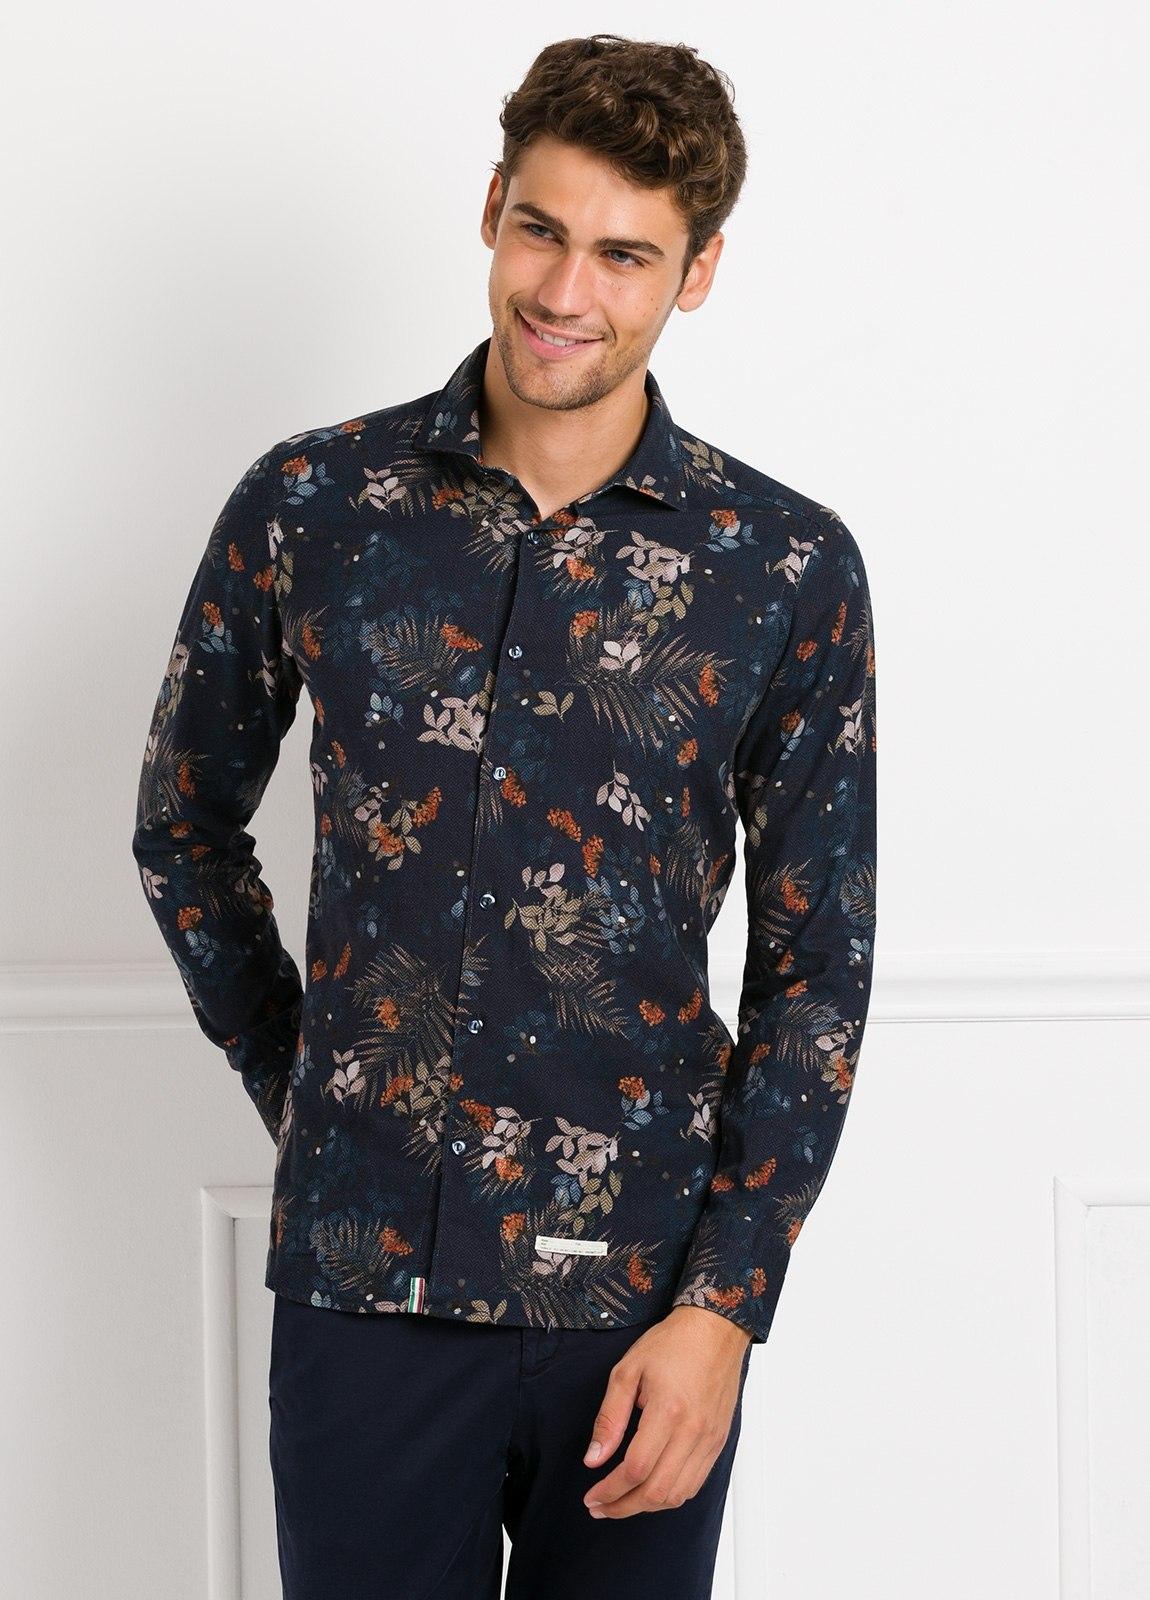 Camisa sport SLIM FIT con estampado floral, fondo color azul noche. 100% Algodón.